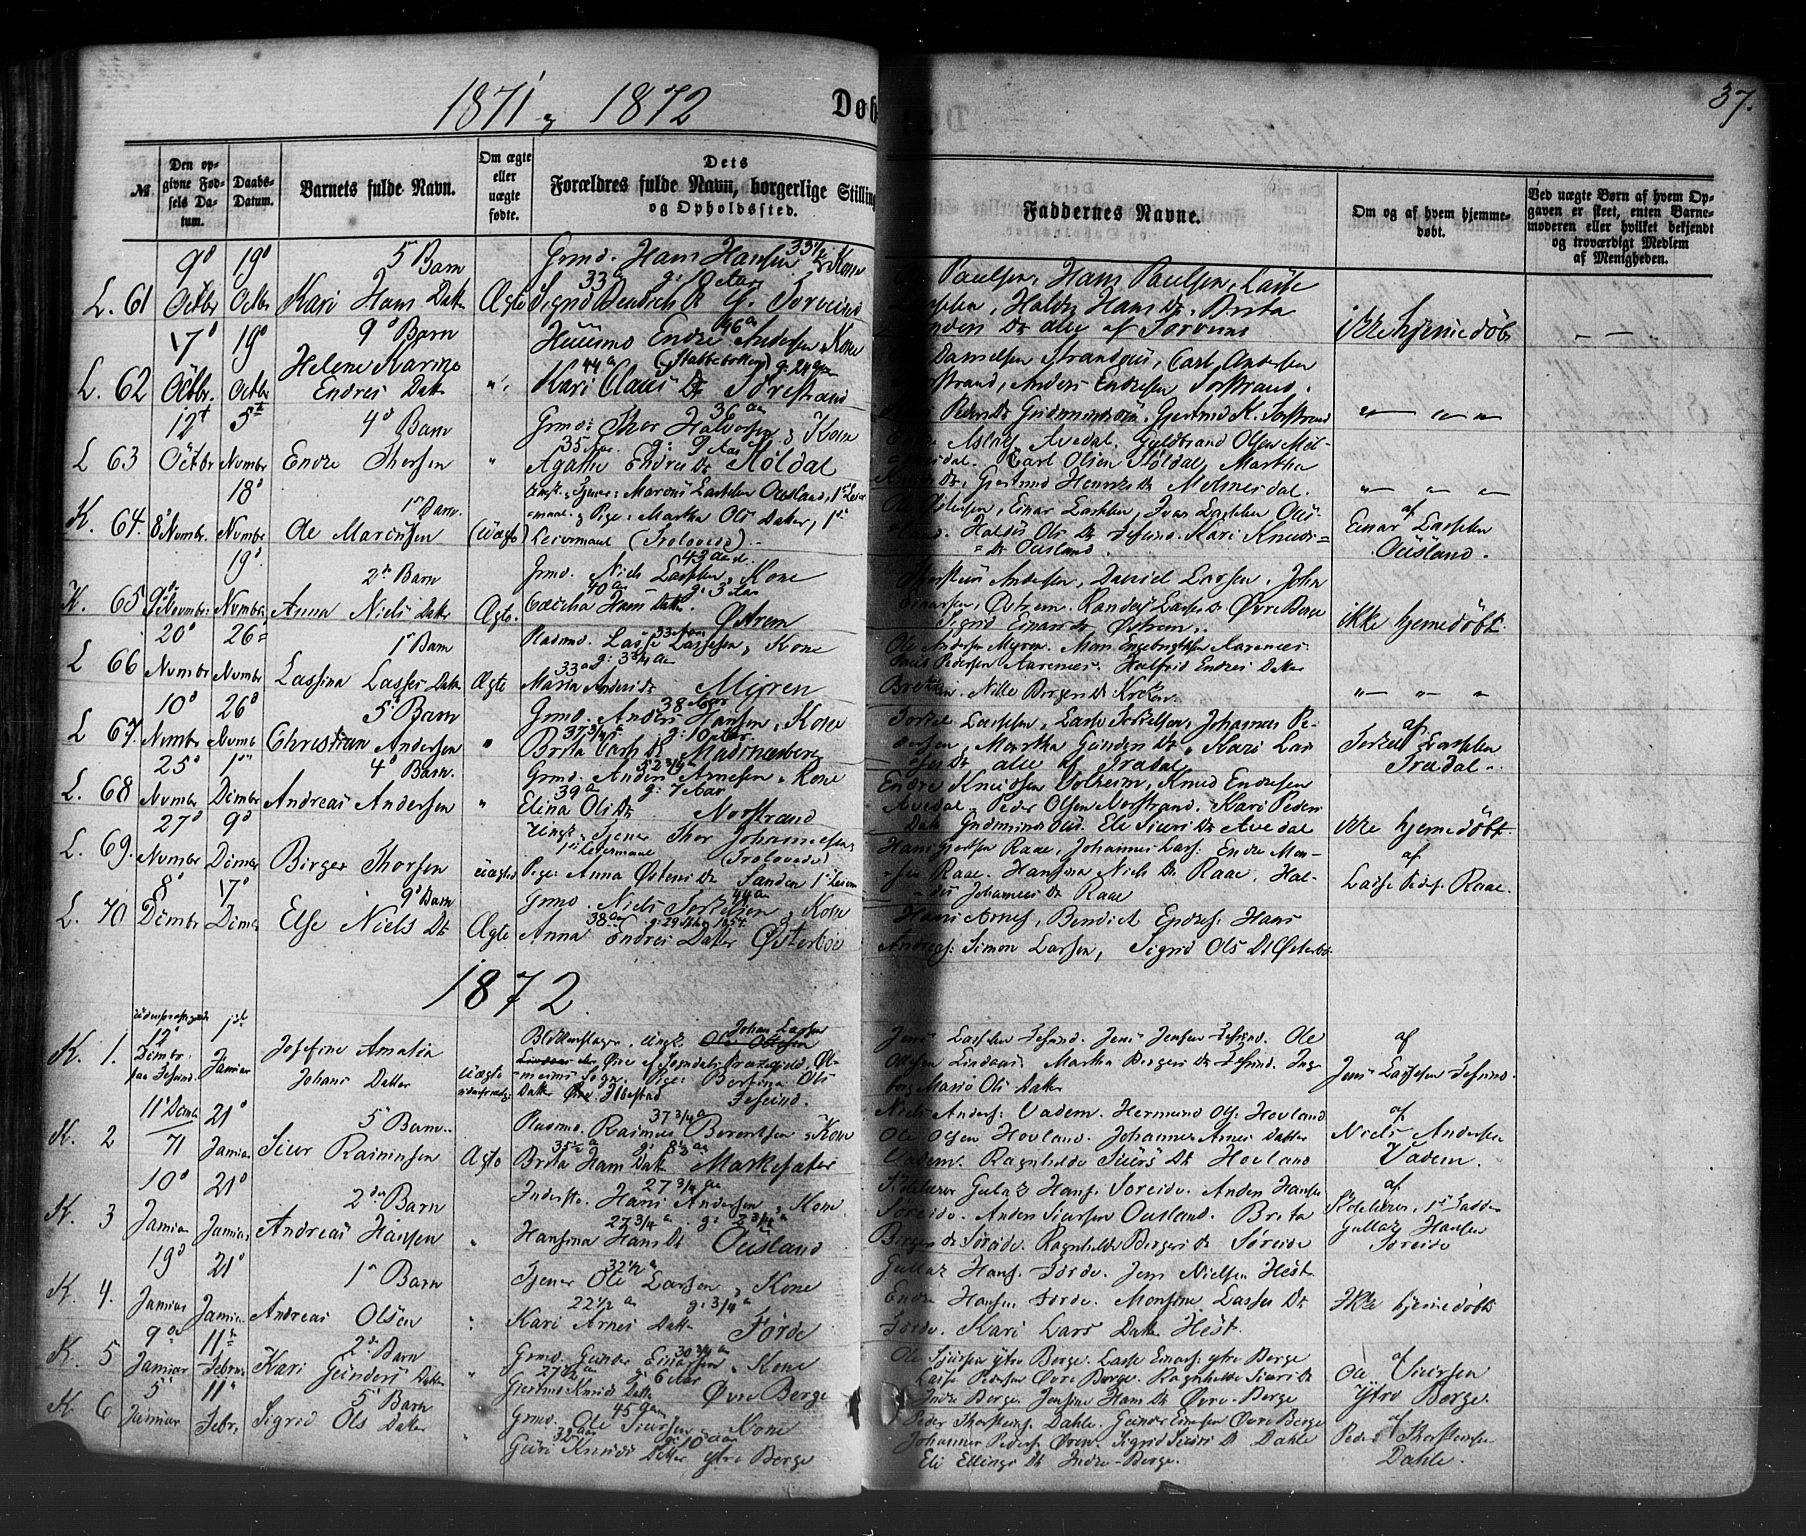 SAB, Lavik sokneprestembete, Ministerialbok nr. A 4, 1864-1881, s. 37